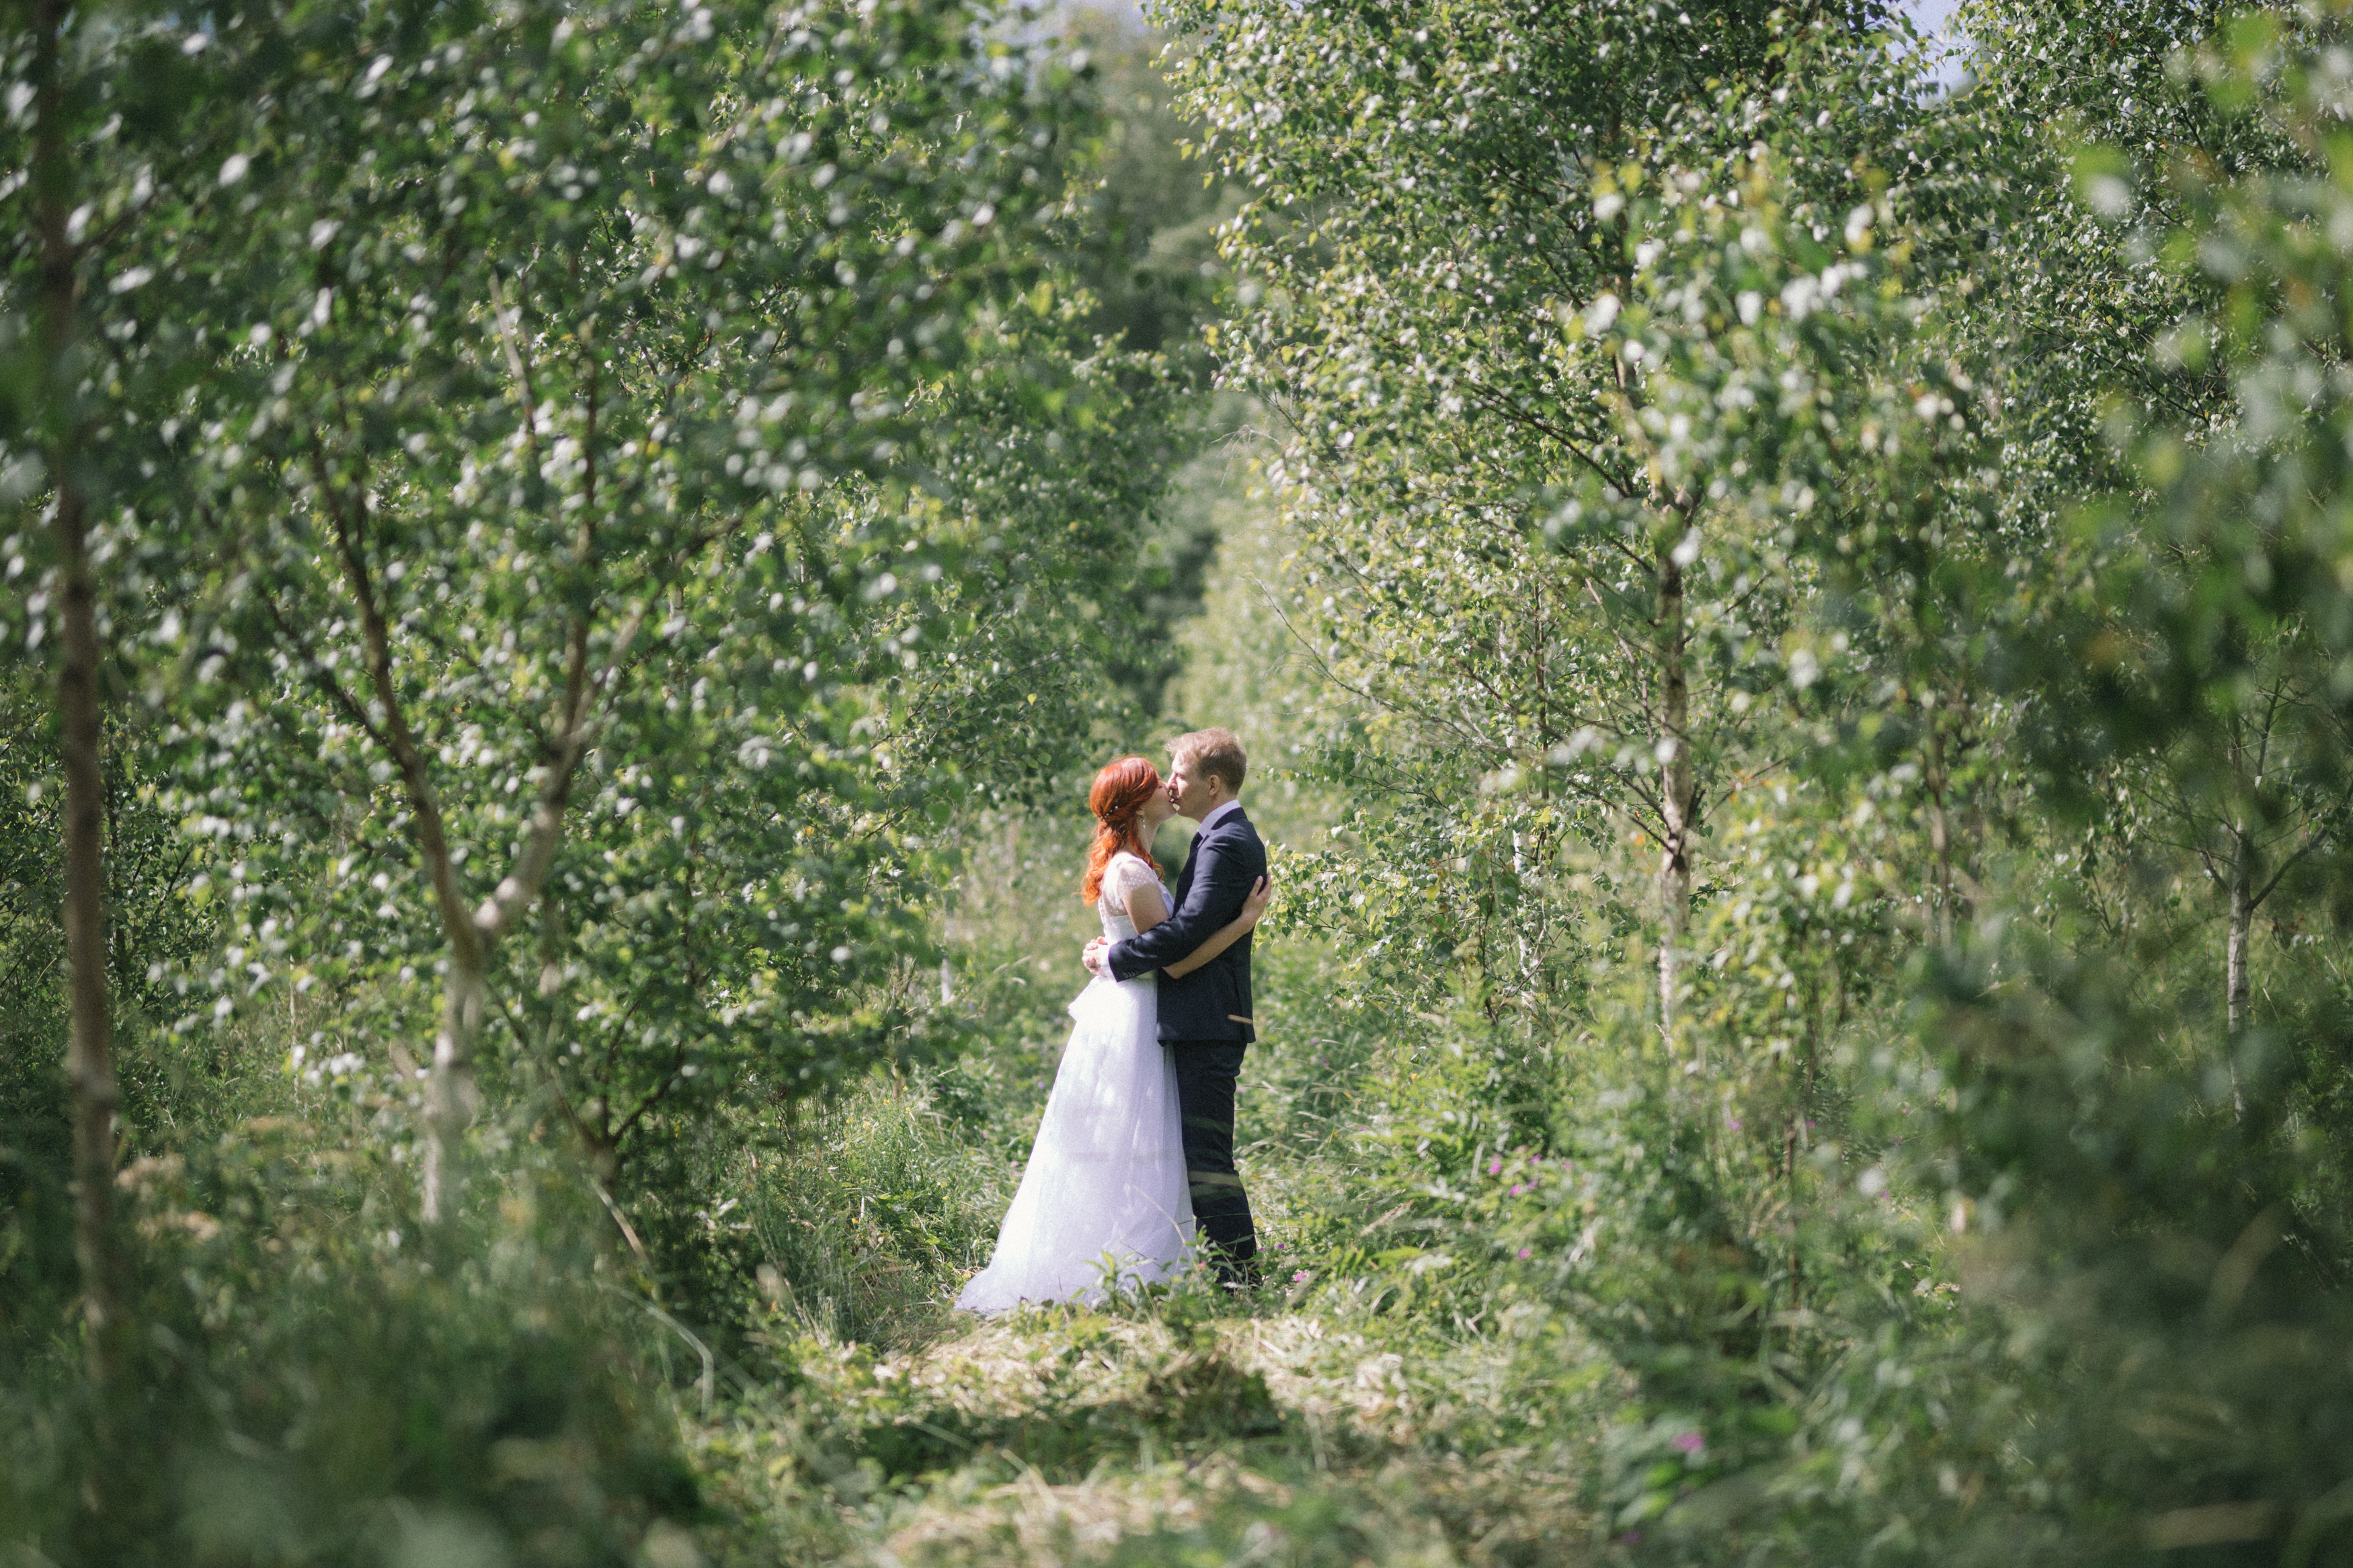 Fotograaf pulma pildistamas